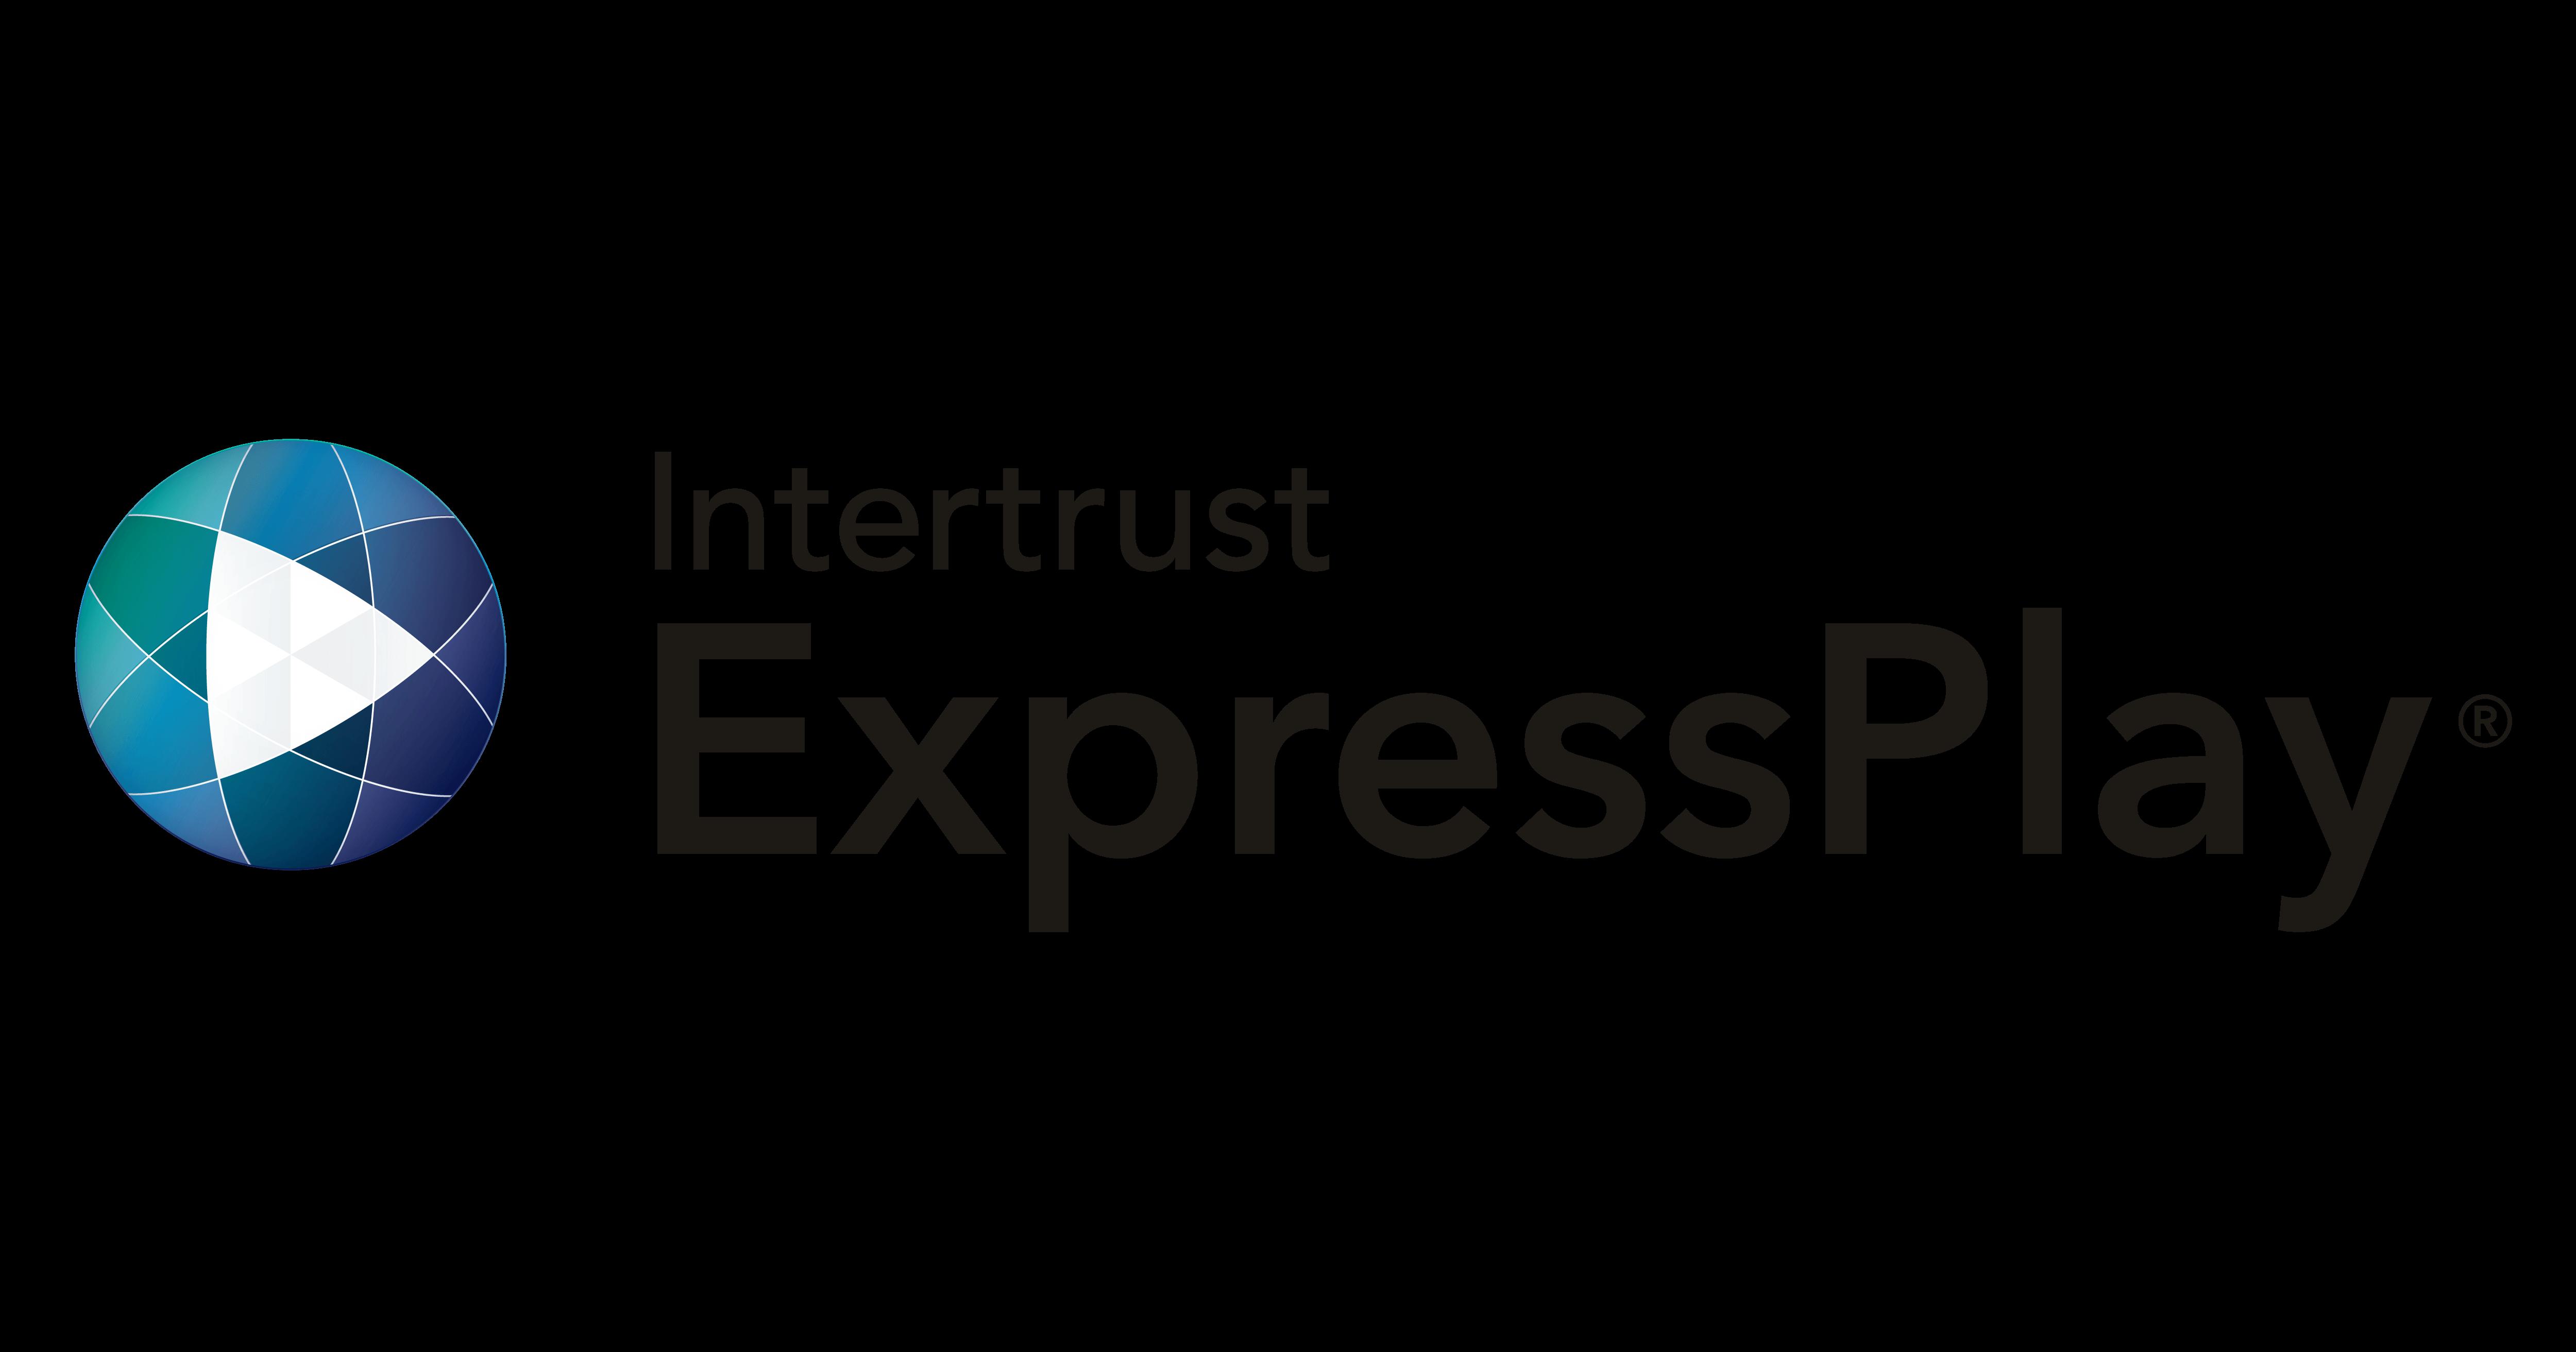 Intertrust ExpressPlay